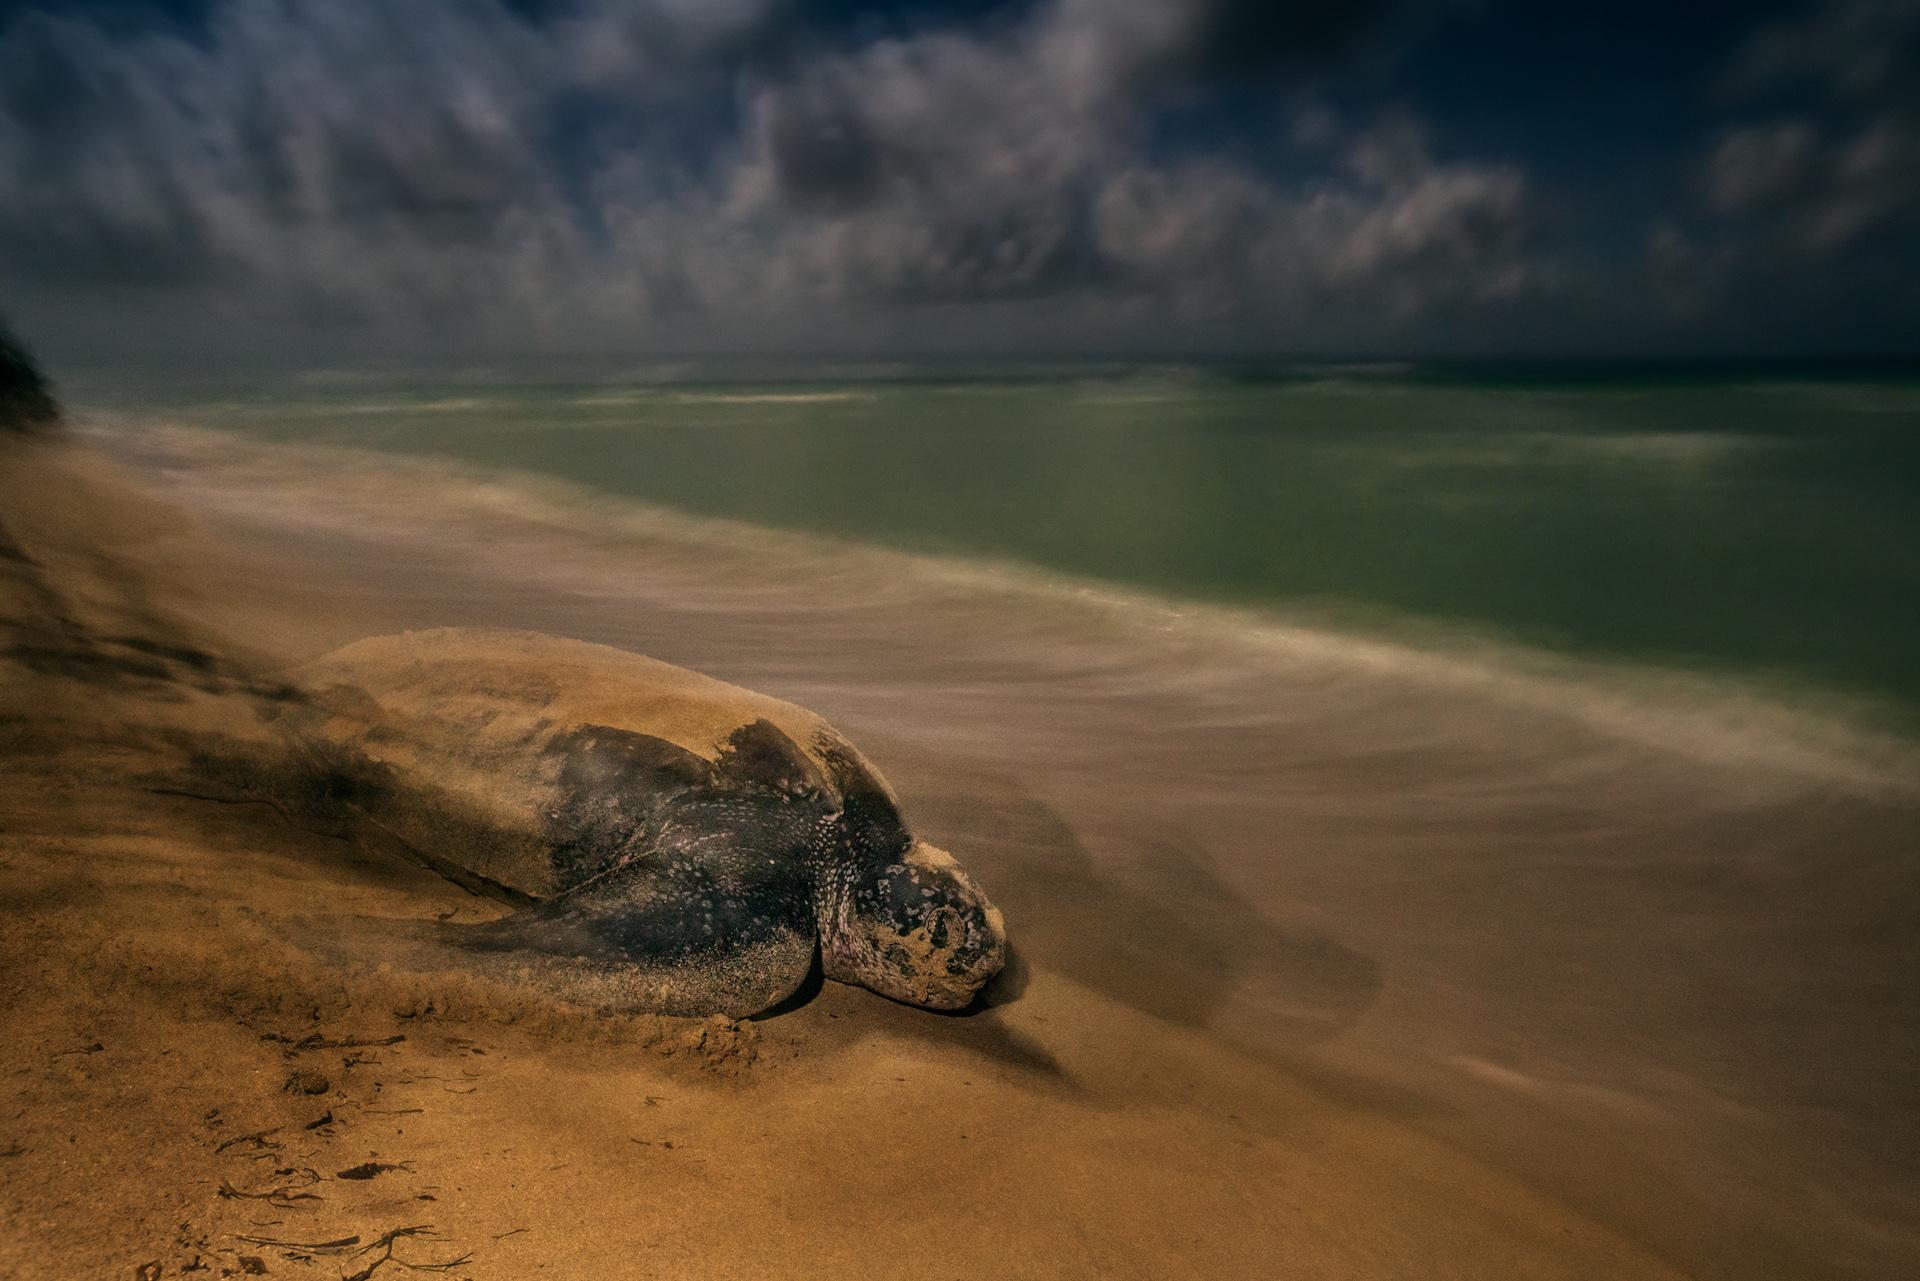 Sieger Kategorie Amphibien & Reptilien: Brian Skerry (USA) »Das altertümliche Ritual« Lederschildkröten sind die größten Meeresschildkröten, die zudem am tiefsten zu tauchen vermögen. Und sie sind die einzigen Überlebenden einer evolutionären Abstammungskette, die sich seit  100 bis 150 Millionen Jahren von den anderen Meeresschildkröten getrennt entwickelt. Das Sandy Point National Wildlife Refuge auf St. Croix (US-Jungferninseln) beherbergt ein Bruthabitat der Tiere, das seit Jahrzehnten erfolgreich unterhalten wird. Andernorts sind die Tiere vor allem durch Fischerei, aber  auch durch Faktoren wie menschlichen Konsum, die Bebauung von Küsten sowie den Klimawandel gefährdet. Jedes Weibchen legt 100 Eier in das tief in den Sand gegrabene Nest. Nach 60 Tagen schlüpfen die Jungen. Ihr Geschlecht wird durch die Nesttemperatur bestimmt (höhere Temperaturen steigern den Anteil der Weibchen). Nicht jeden Abend kamen Weibchen zur Eiablage an den Strand von Sandy Point und wenn, so waren sie oft zu weit entfernt. Nach zwei Wochen schließlich entdeckte er ein Tier in optimaler Entfernung – unter klarem Himmel, ohne Lichter einer Stadt. Er machte im Licht des Vollmonds eine Langzeitbelichtung aus der Hand und kombinierte sie mit einem Warmton-gefilterten Blitzlicht, um so eine archaische Stimmung in dieser zeitlosen Szene zu erzeugen.